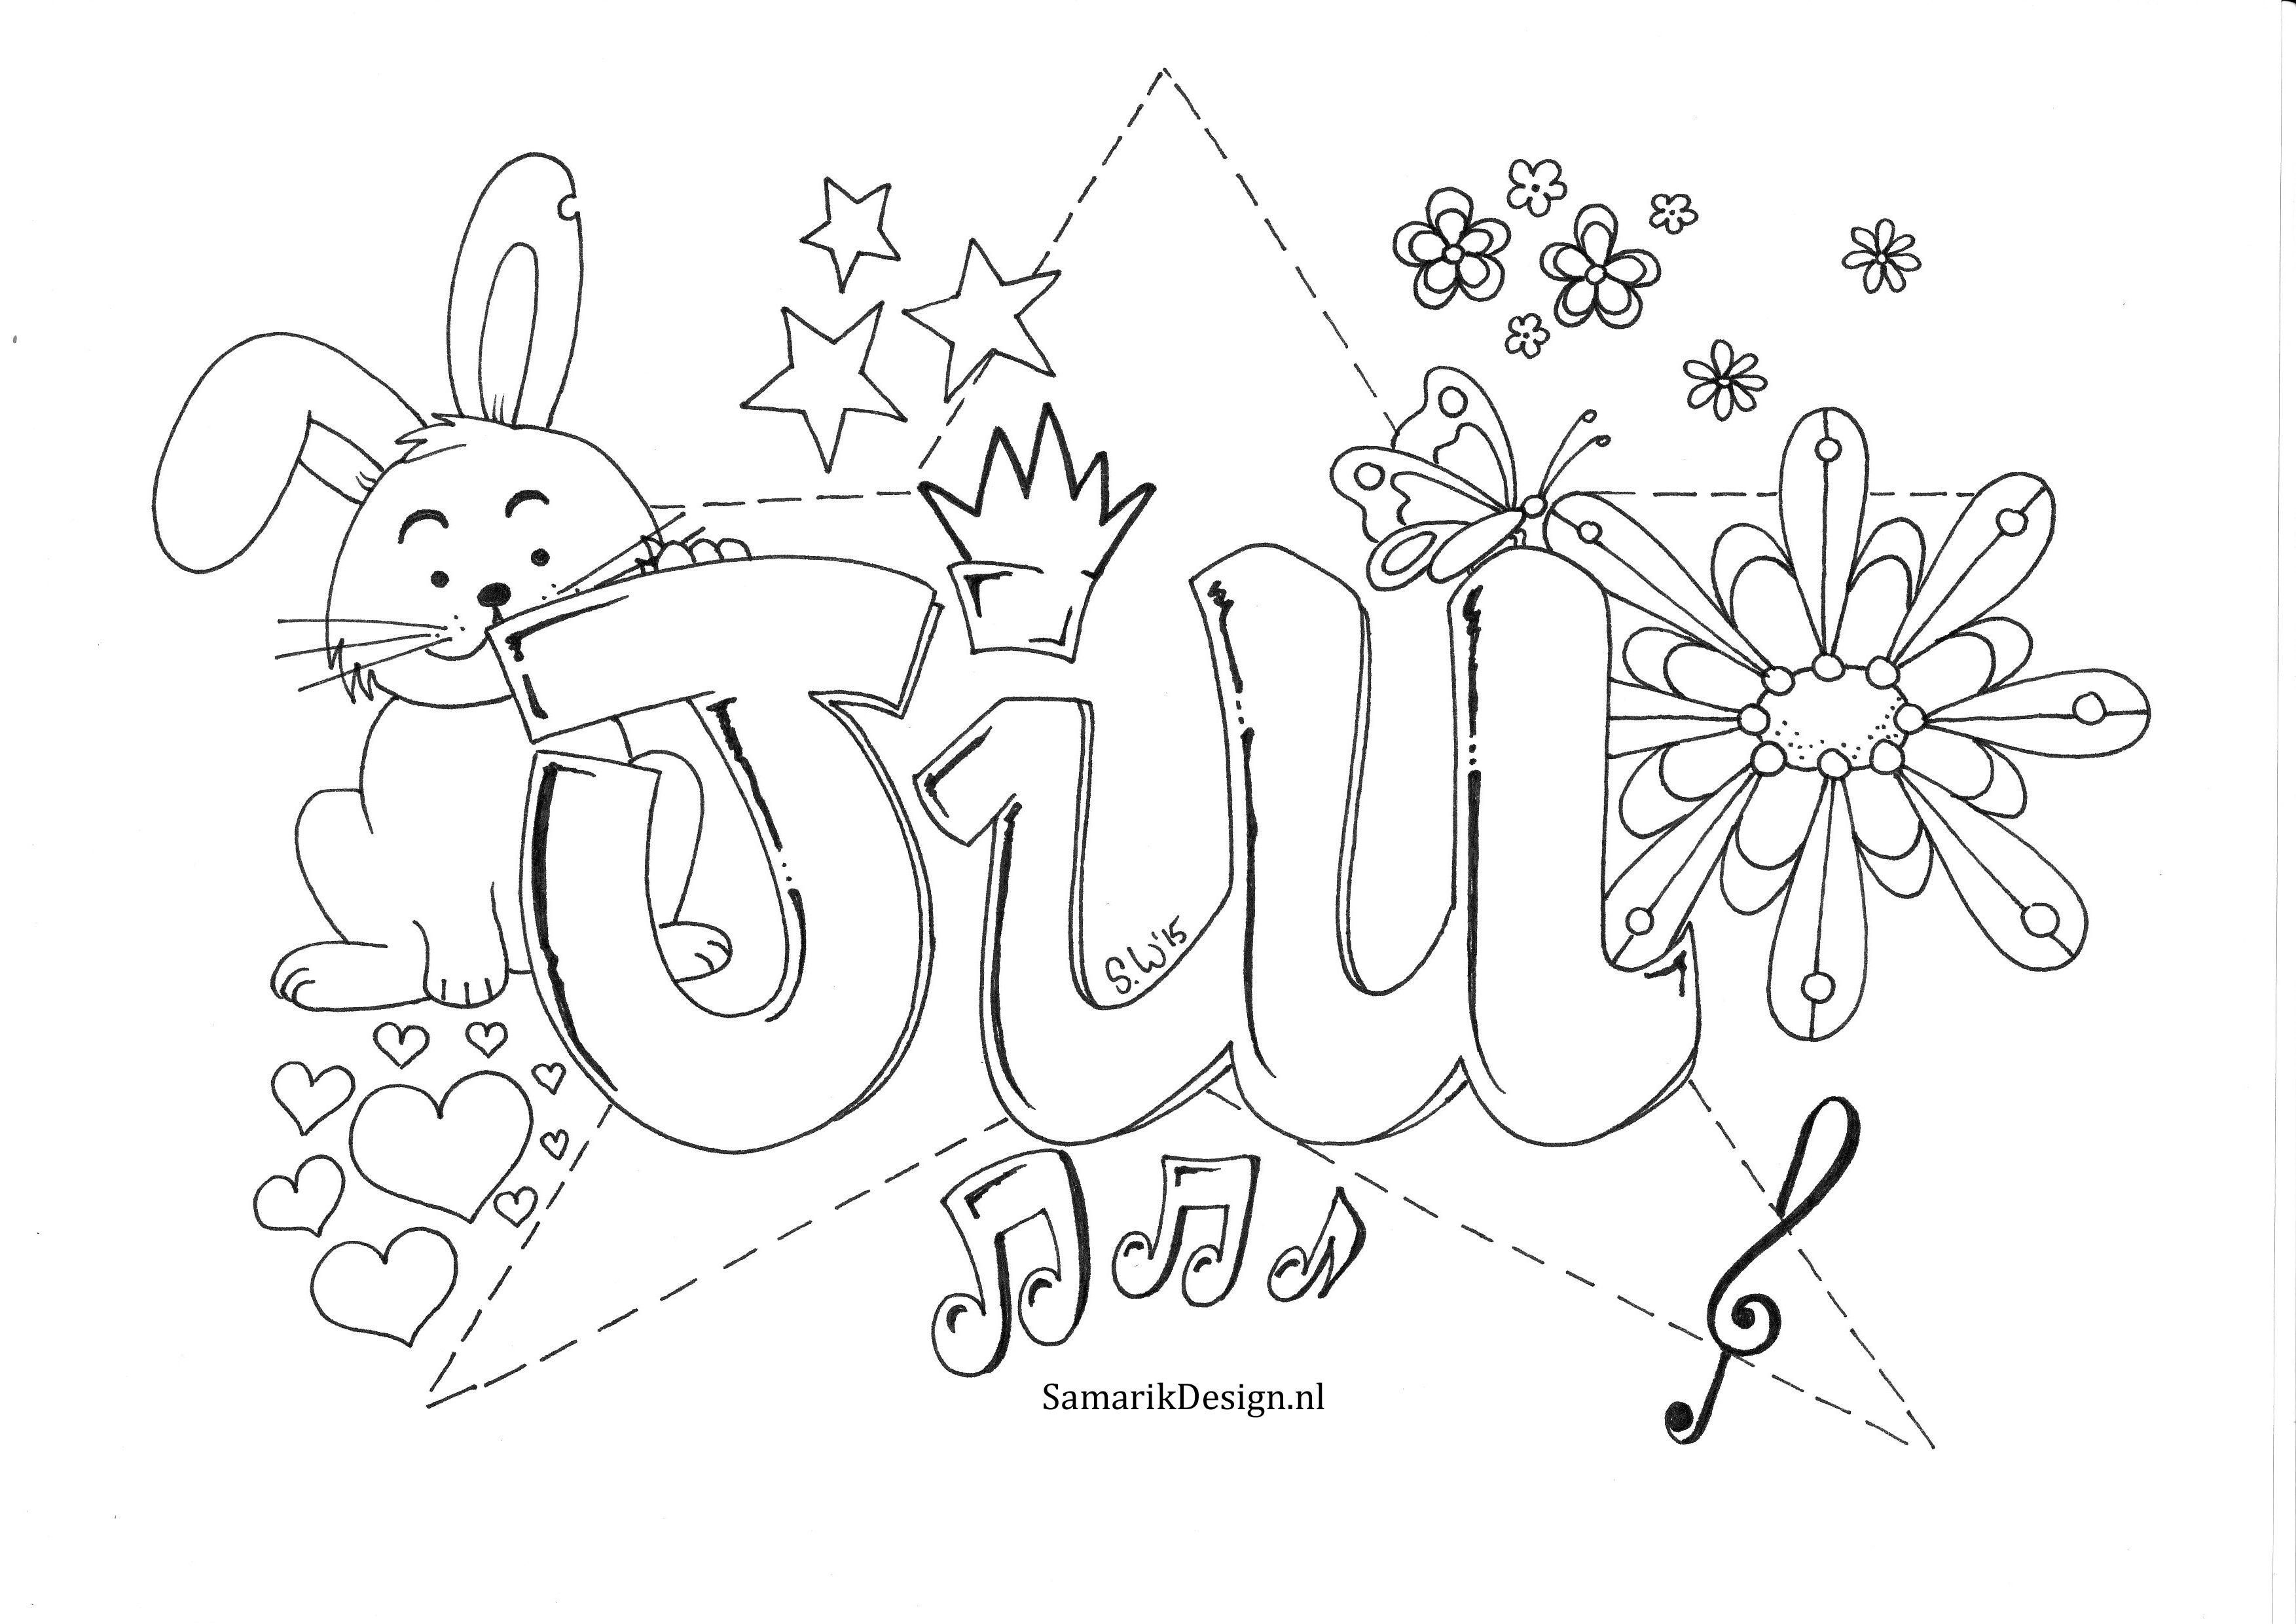 Kleurplaten Verjaardag Buurvrouw.Jill Zapp Kleurplaten Kleurplaat Voor Volwassenen Jill Kleurplaten